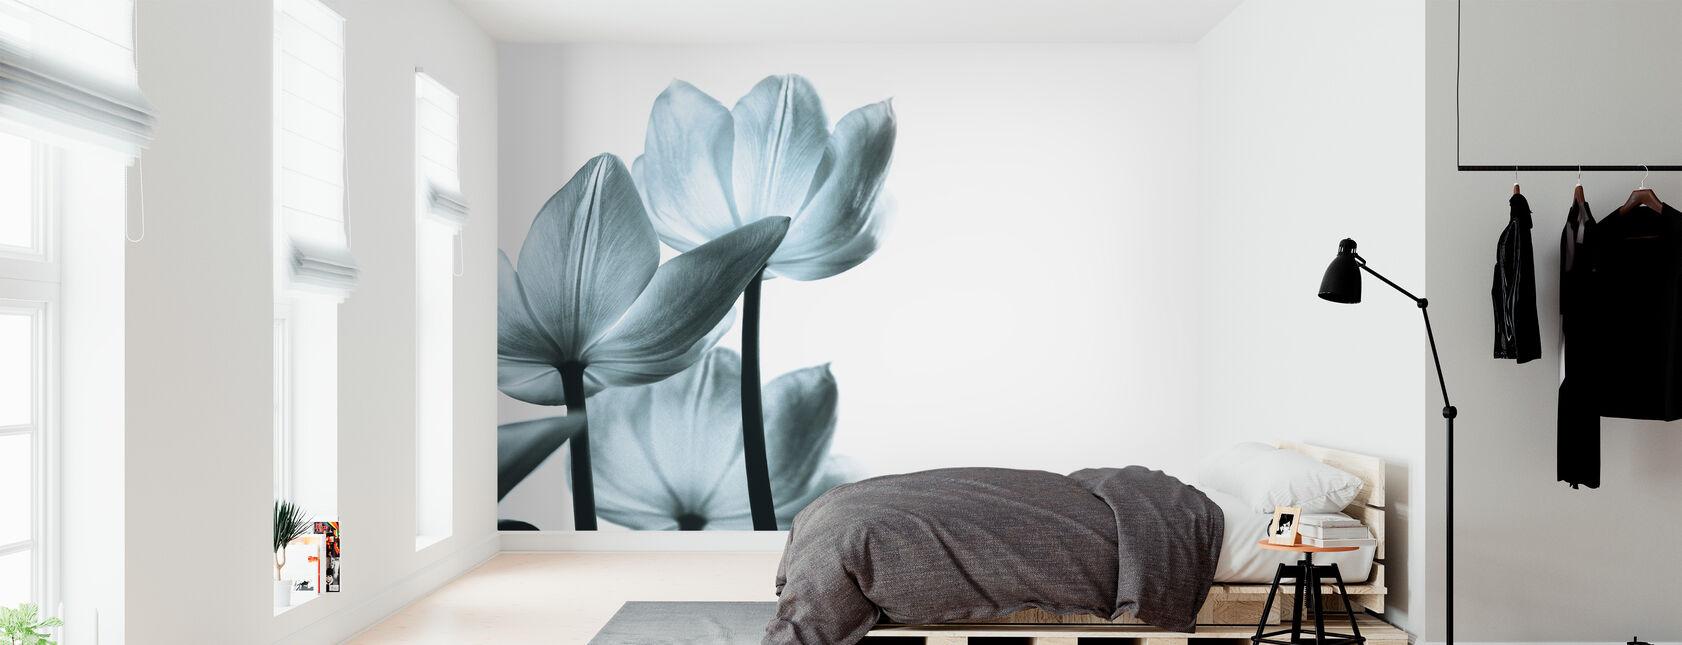 Doorschijnende Tulpen - Behang - Slaapkamer